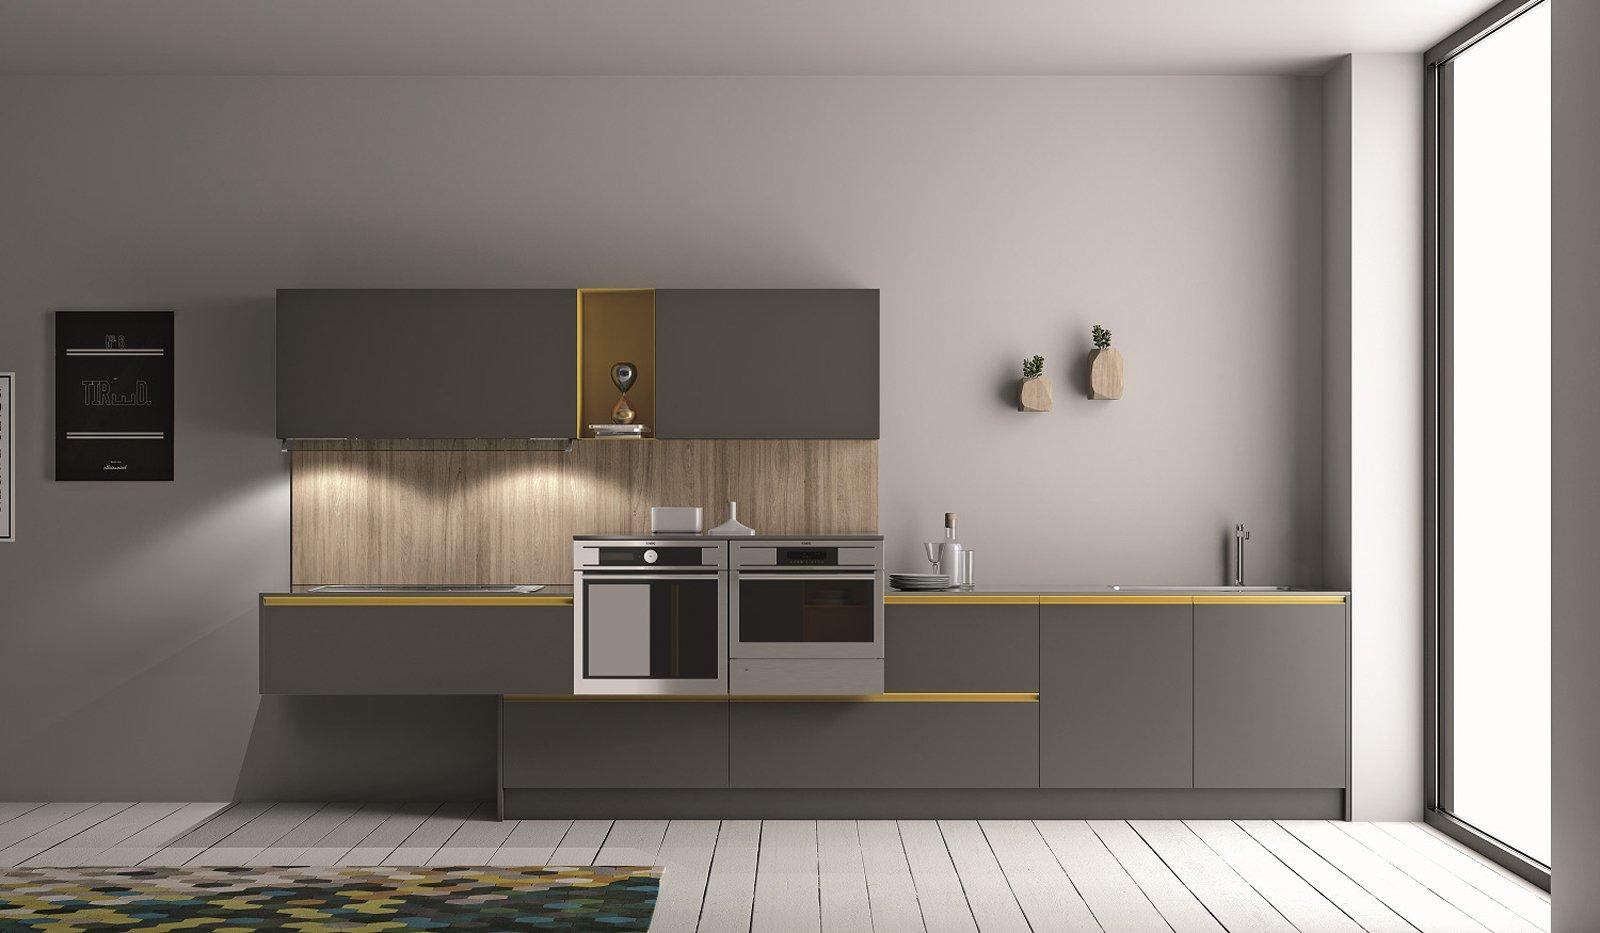 Cucine con elementi colorati mensole vani a giorno profili cose di casa - Mensole cucina moderna ...